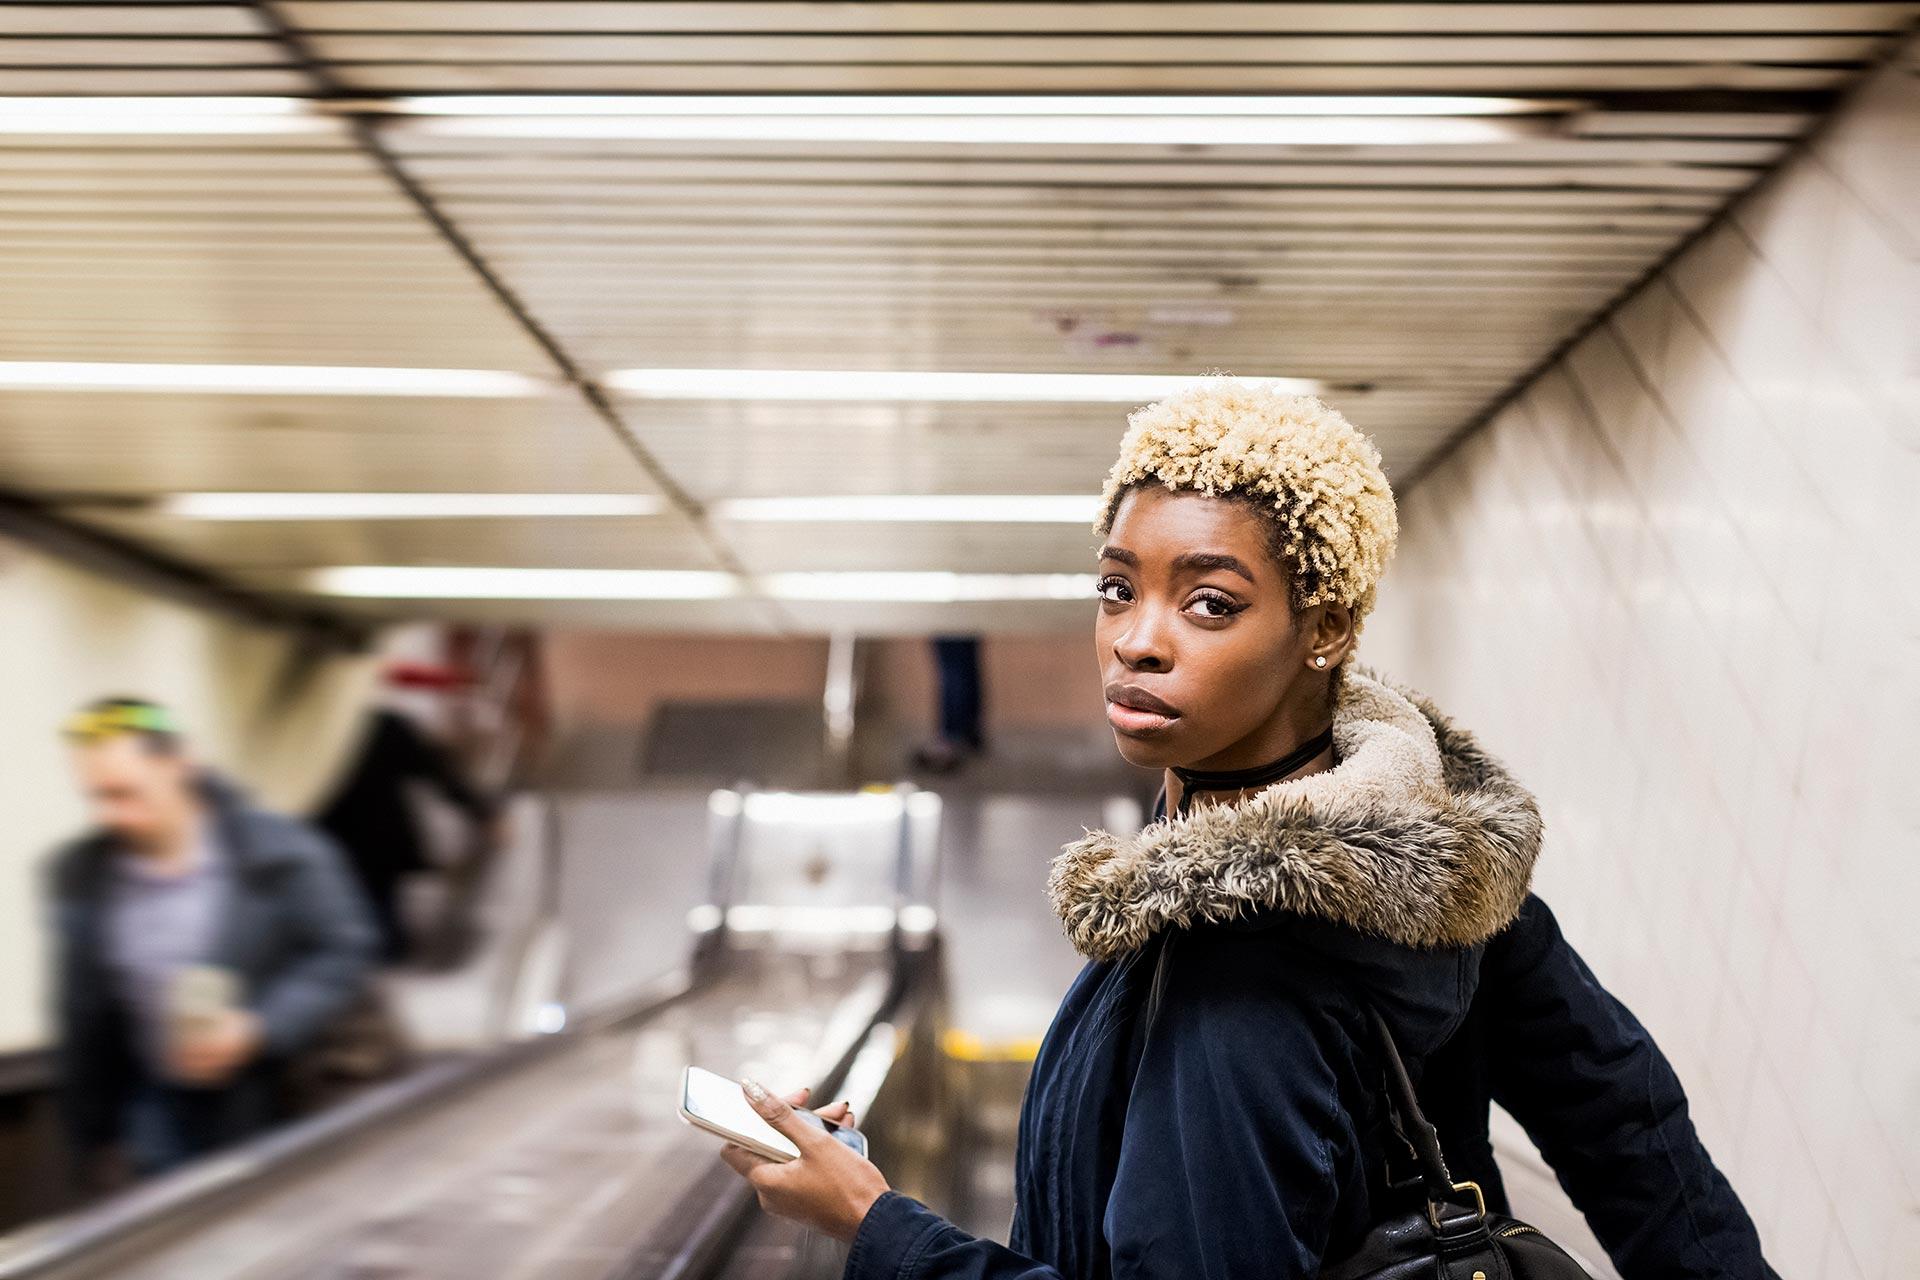 woman wearing fur collared coat on escalator